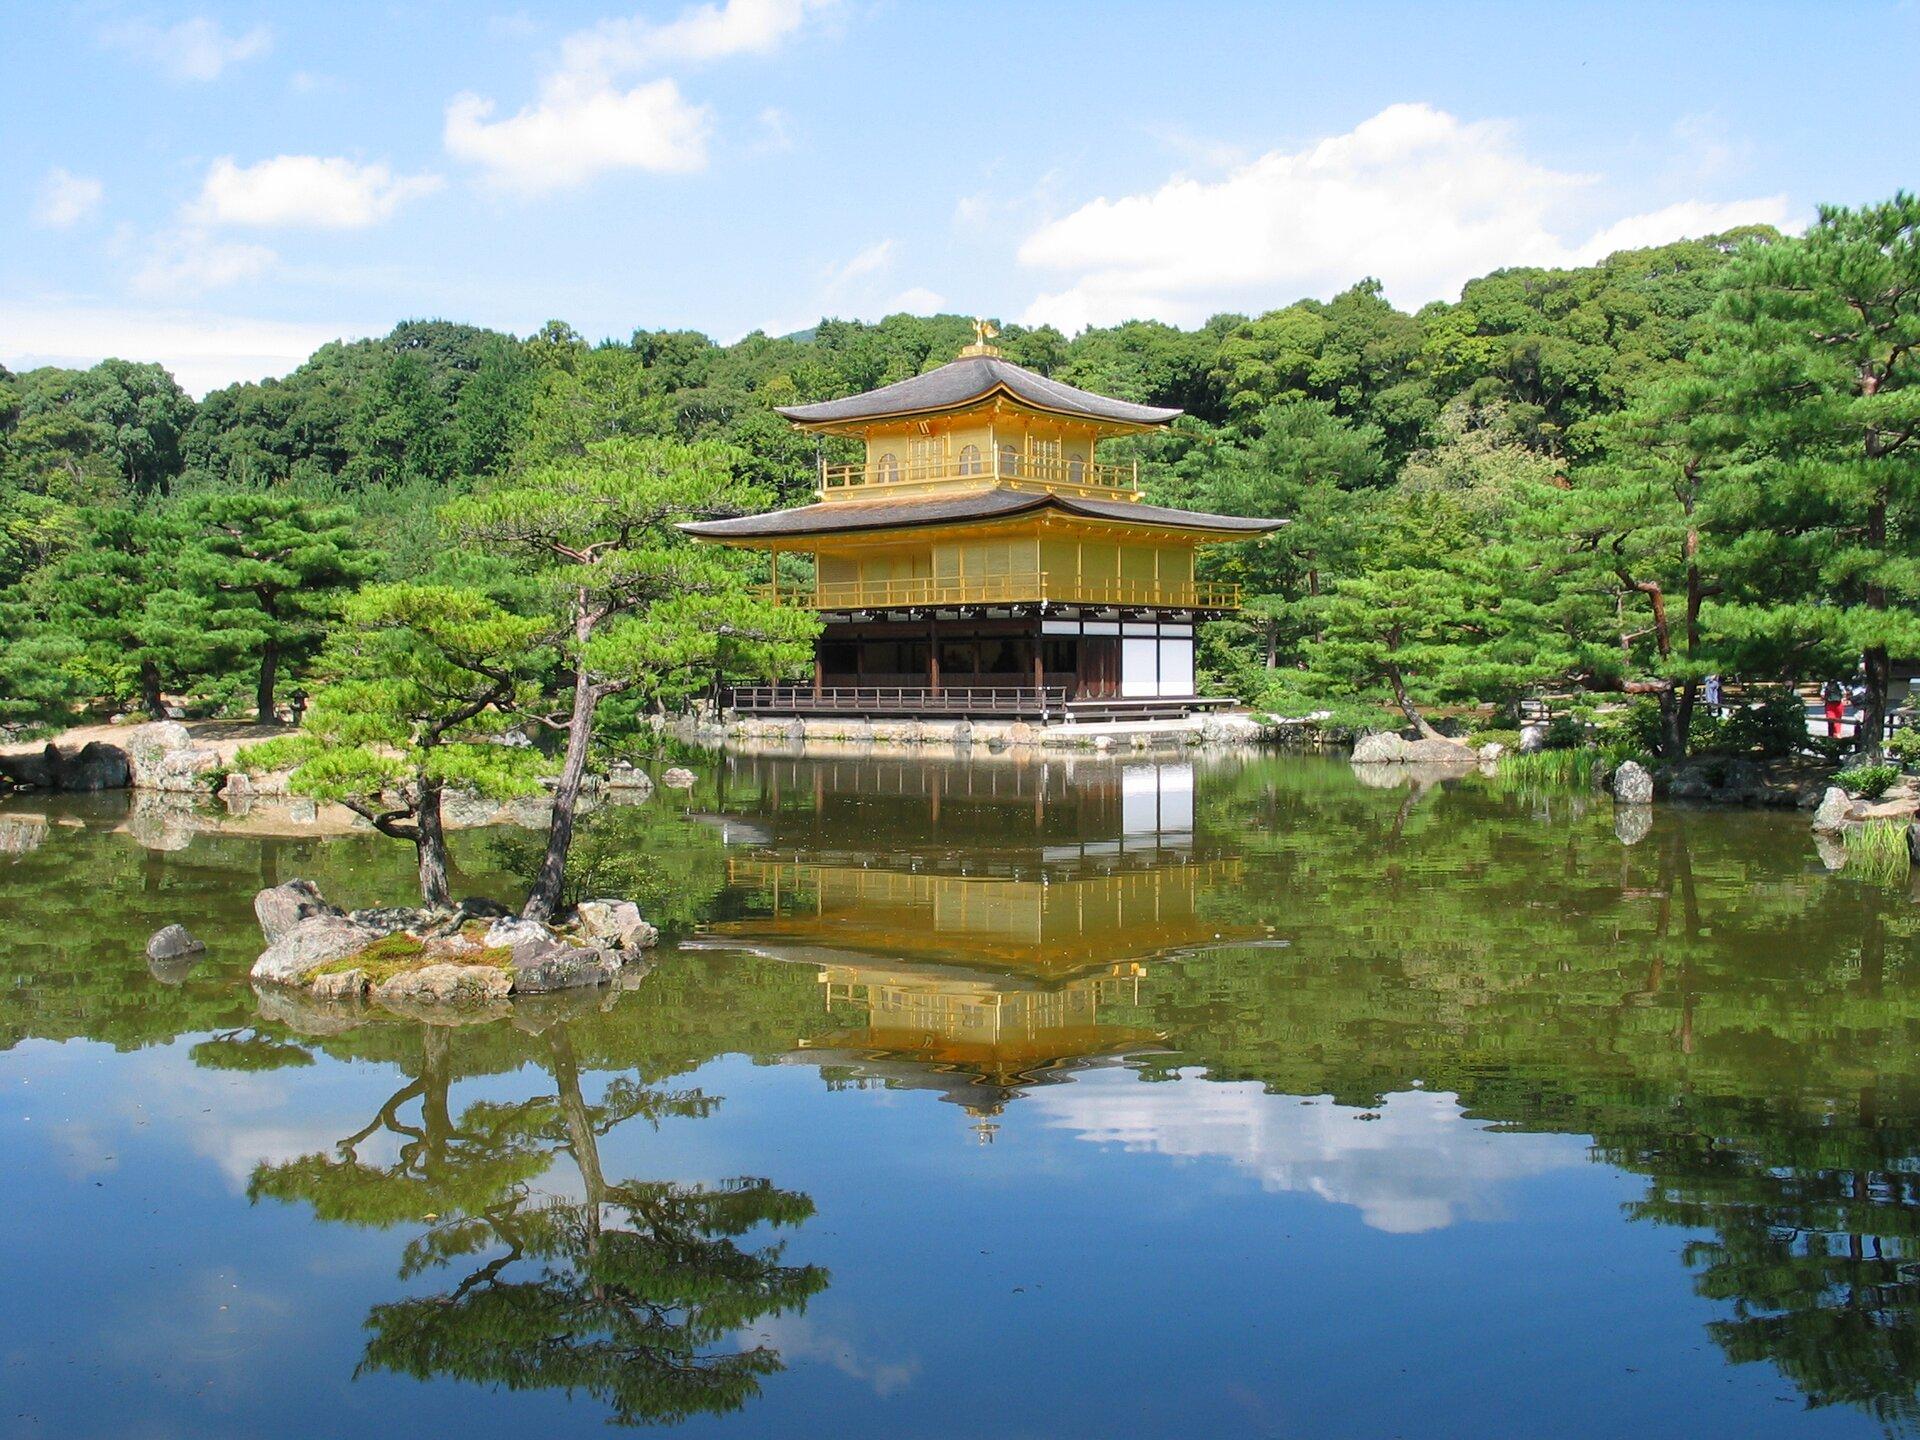 Na zdjęciu typowa japońska świątynia udekorowana złotem. Położona nad wodą wparku. Bujna roślinność.